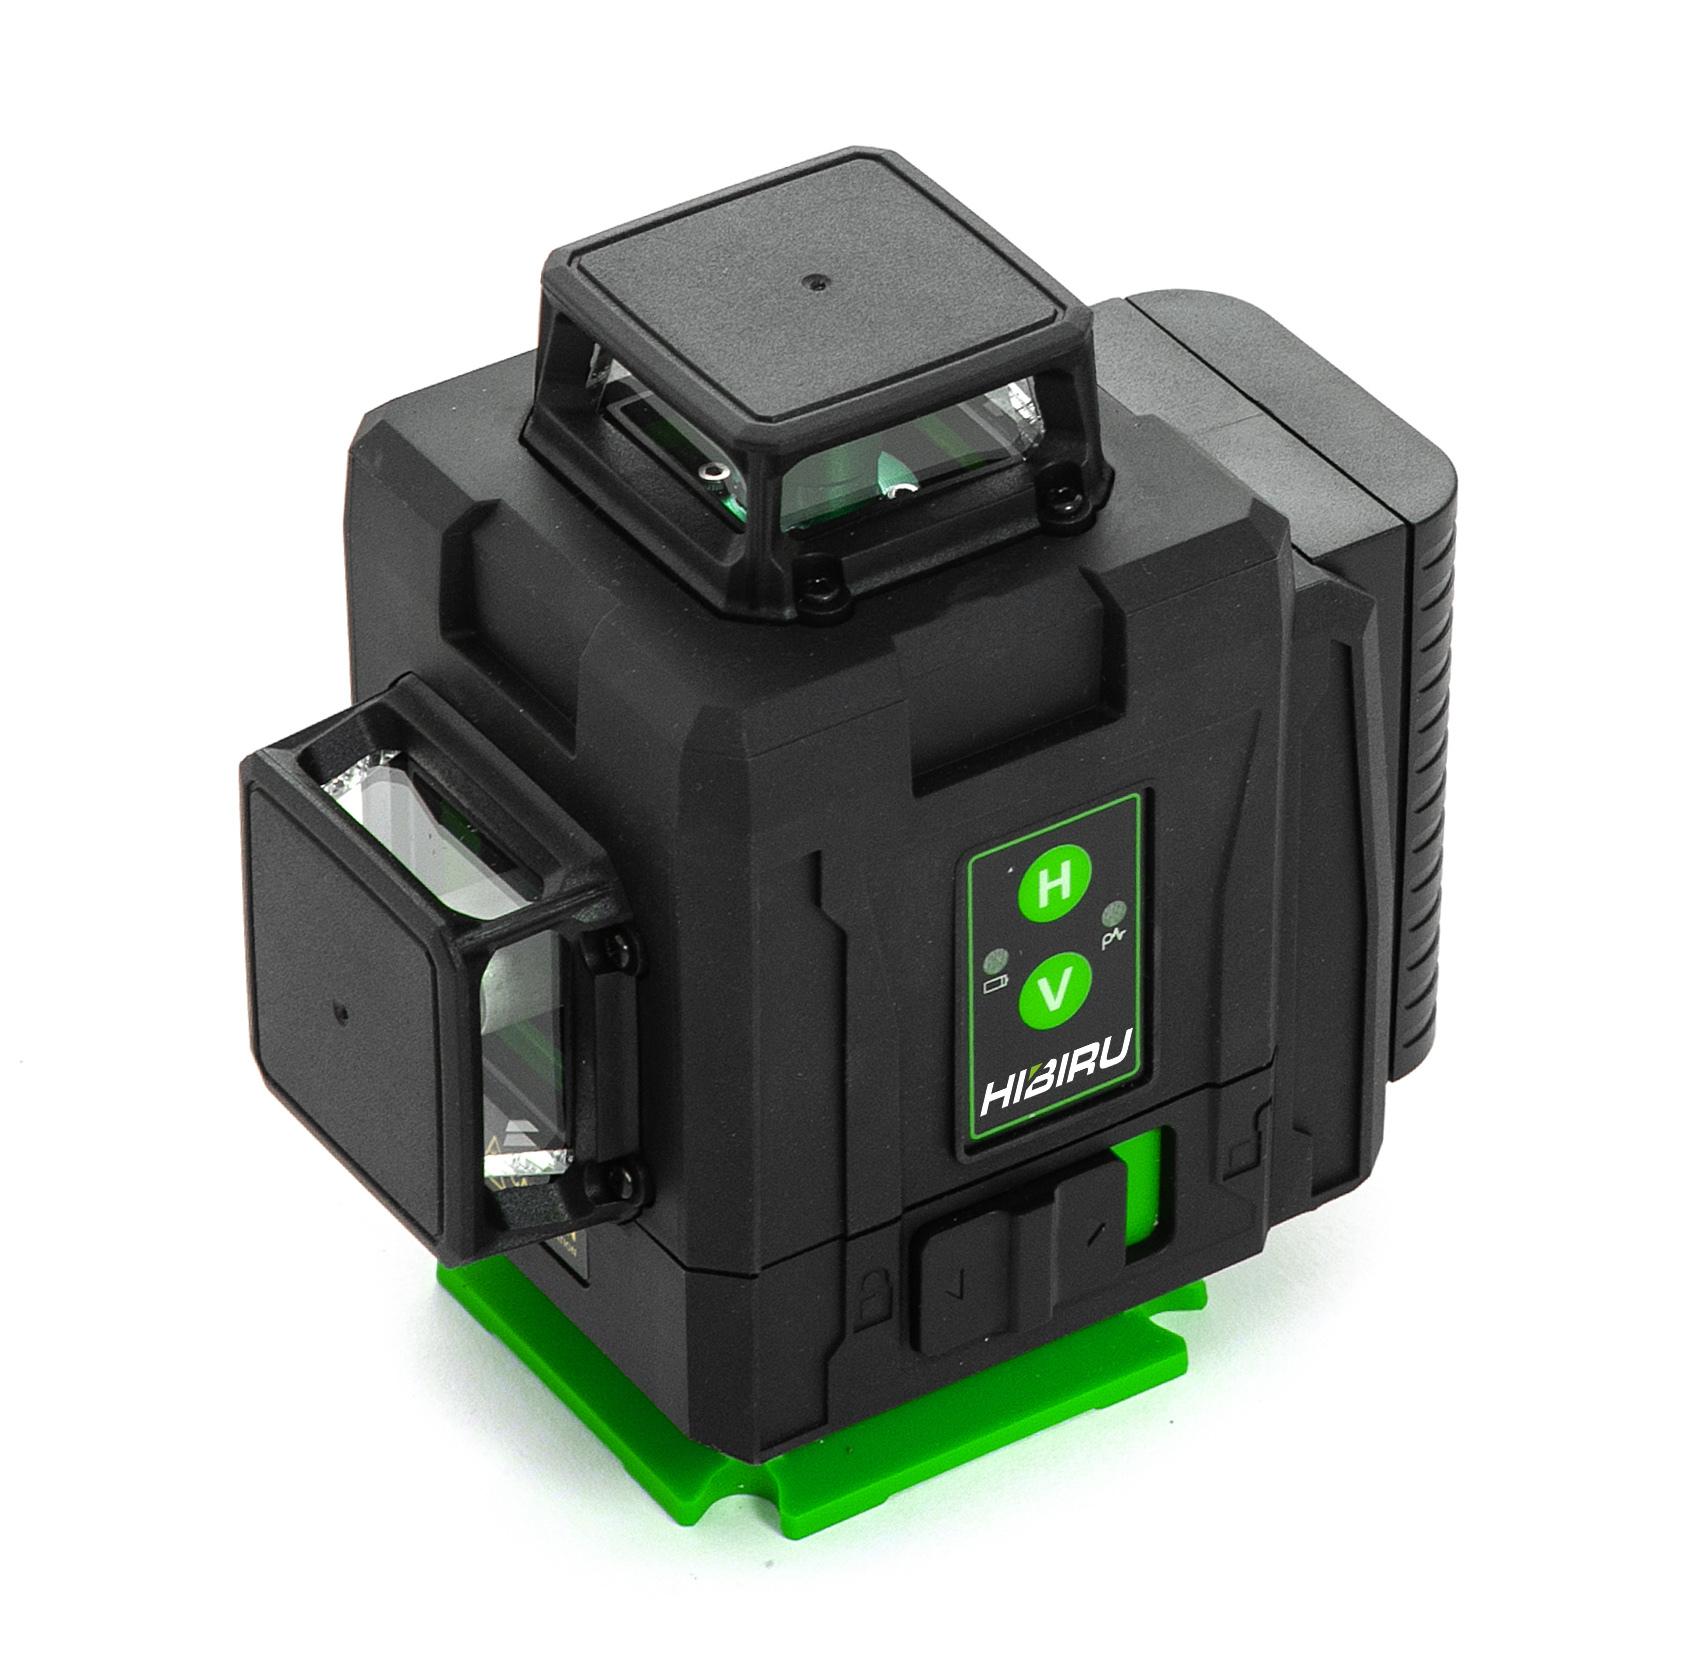 Лазерные уровни HIBIRU Лазерный уровень 4D HIBIRU PROFFMASTER  QP40 зеленый луч(нижний и верхний горизонт) + штатив 1,2м в комплекте 1-2.jpg